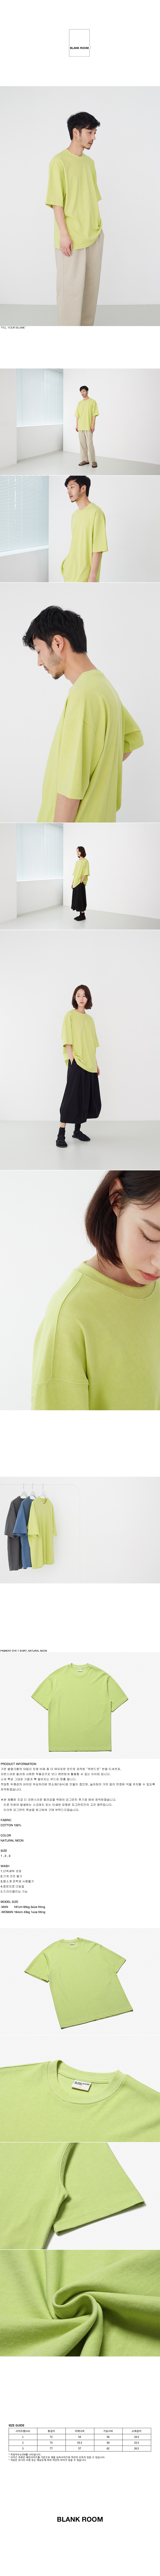 블랭크룸(BLANK ROOM) 피그먼트 다이 티 셔츠_네츄럴 네온